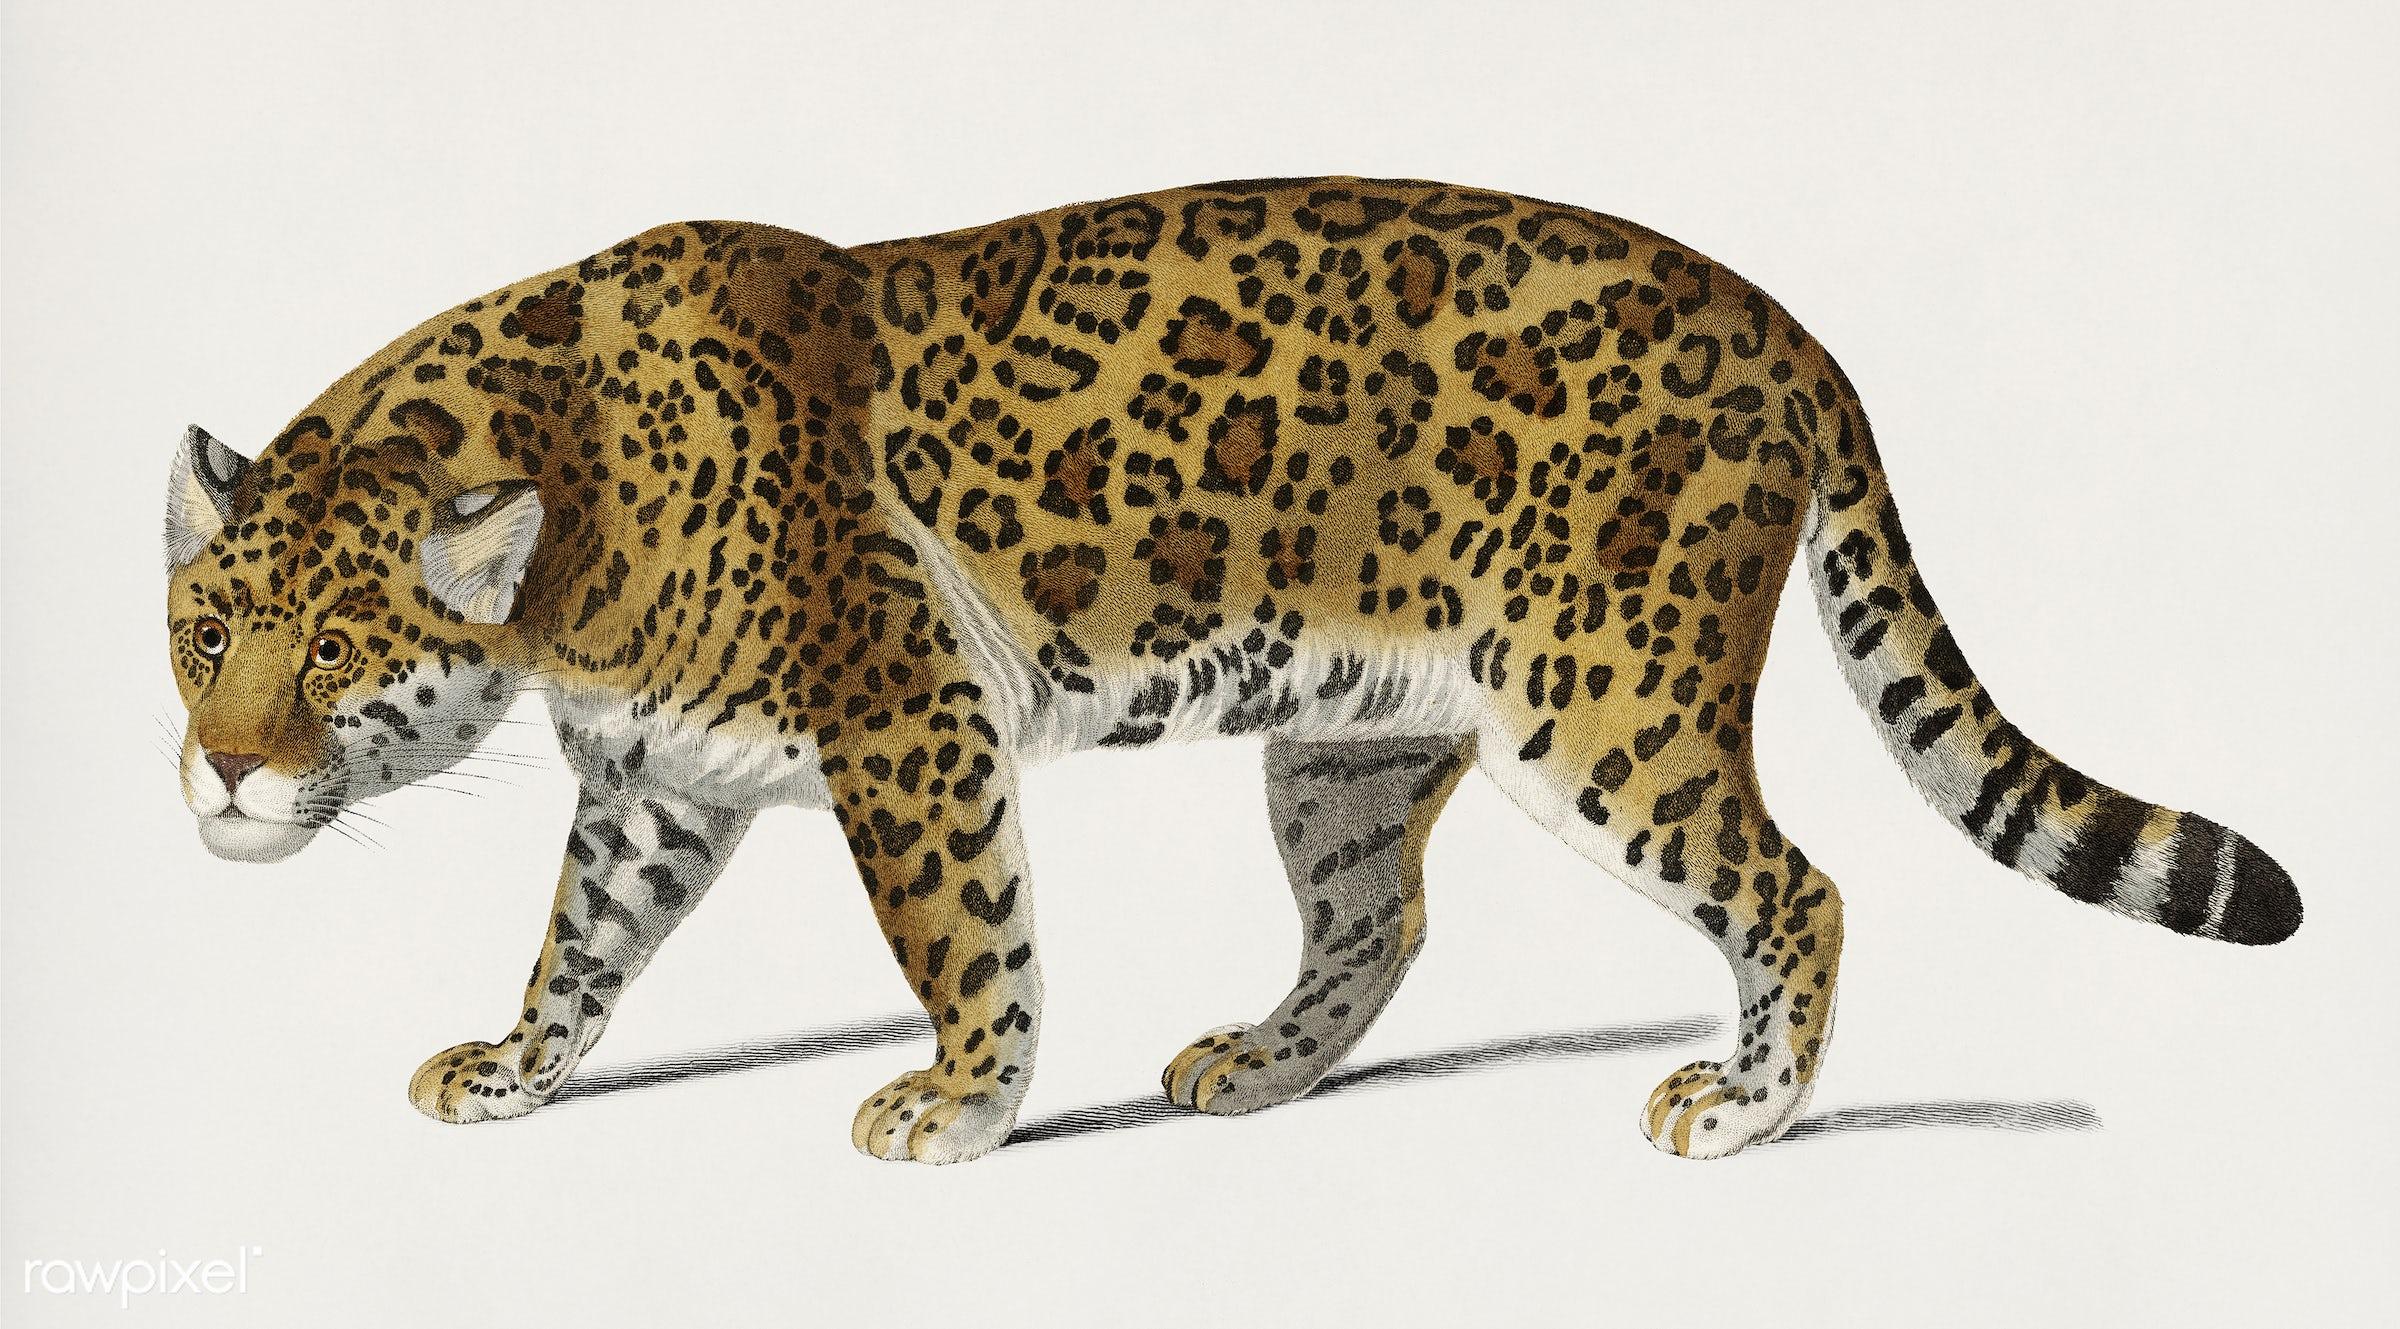 Vintage Illustration of Jaguar (Panthera Onca) - tiger, jaguar, ancient, animal, antique, artwork, big cat, charles, charles...